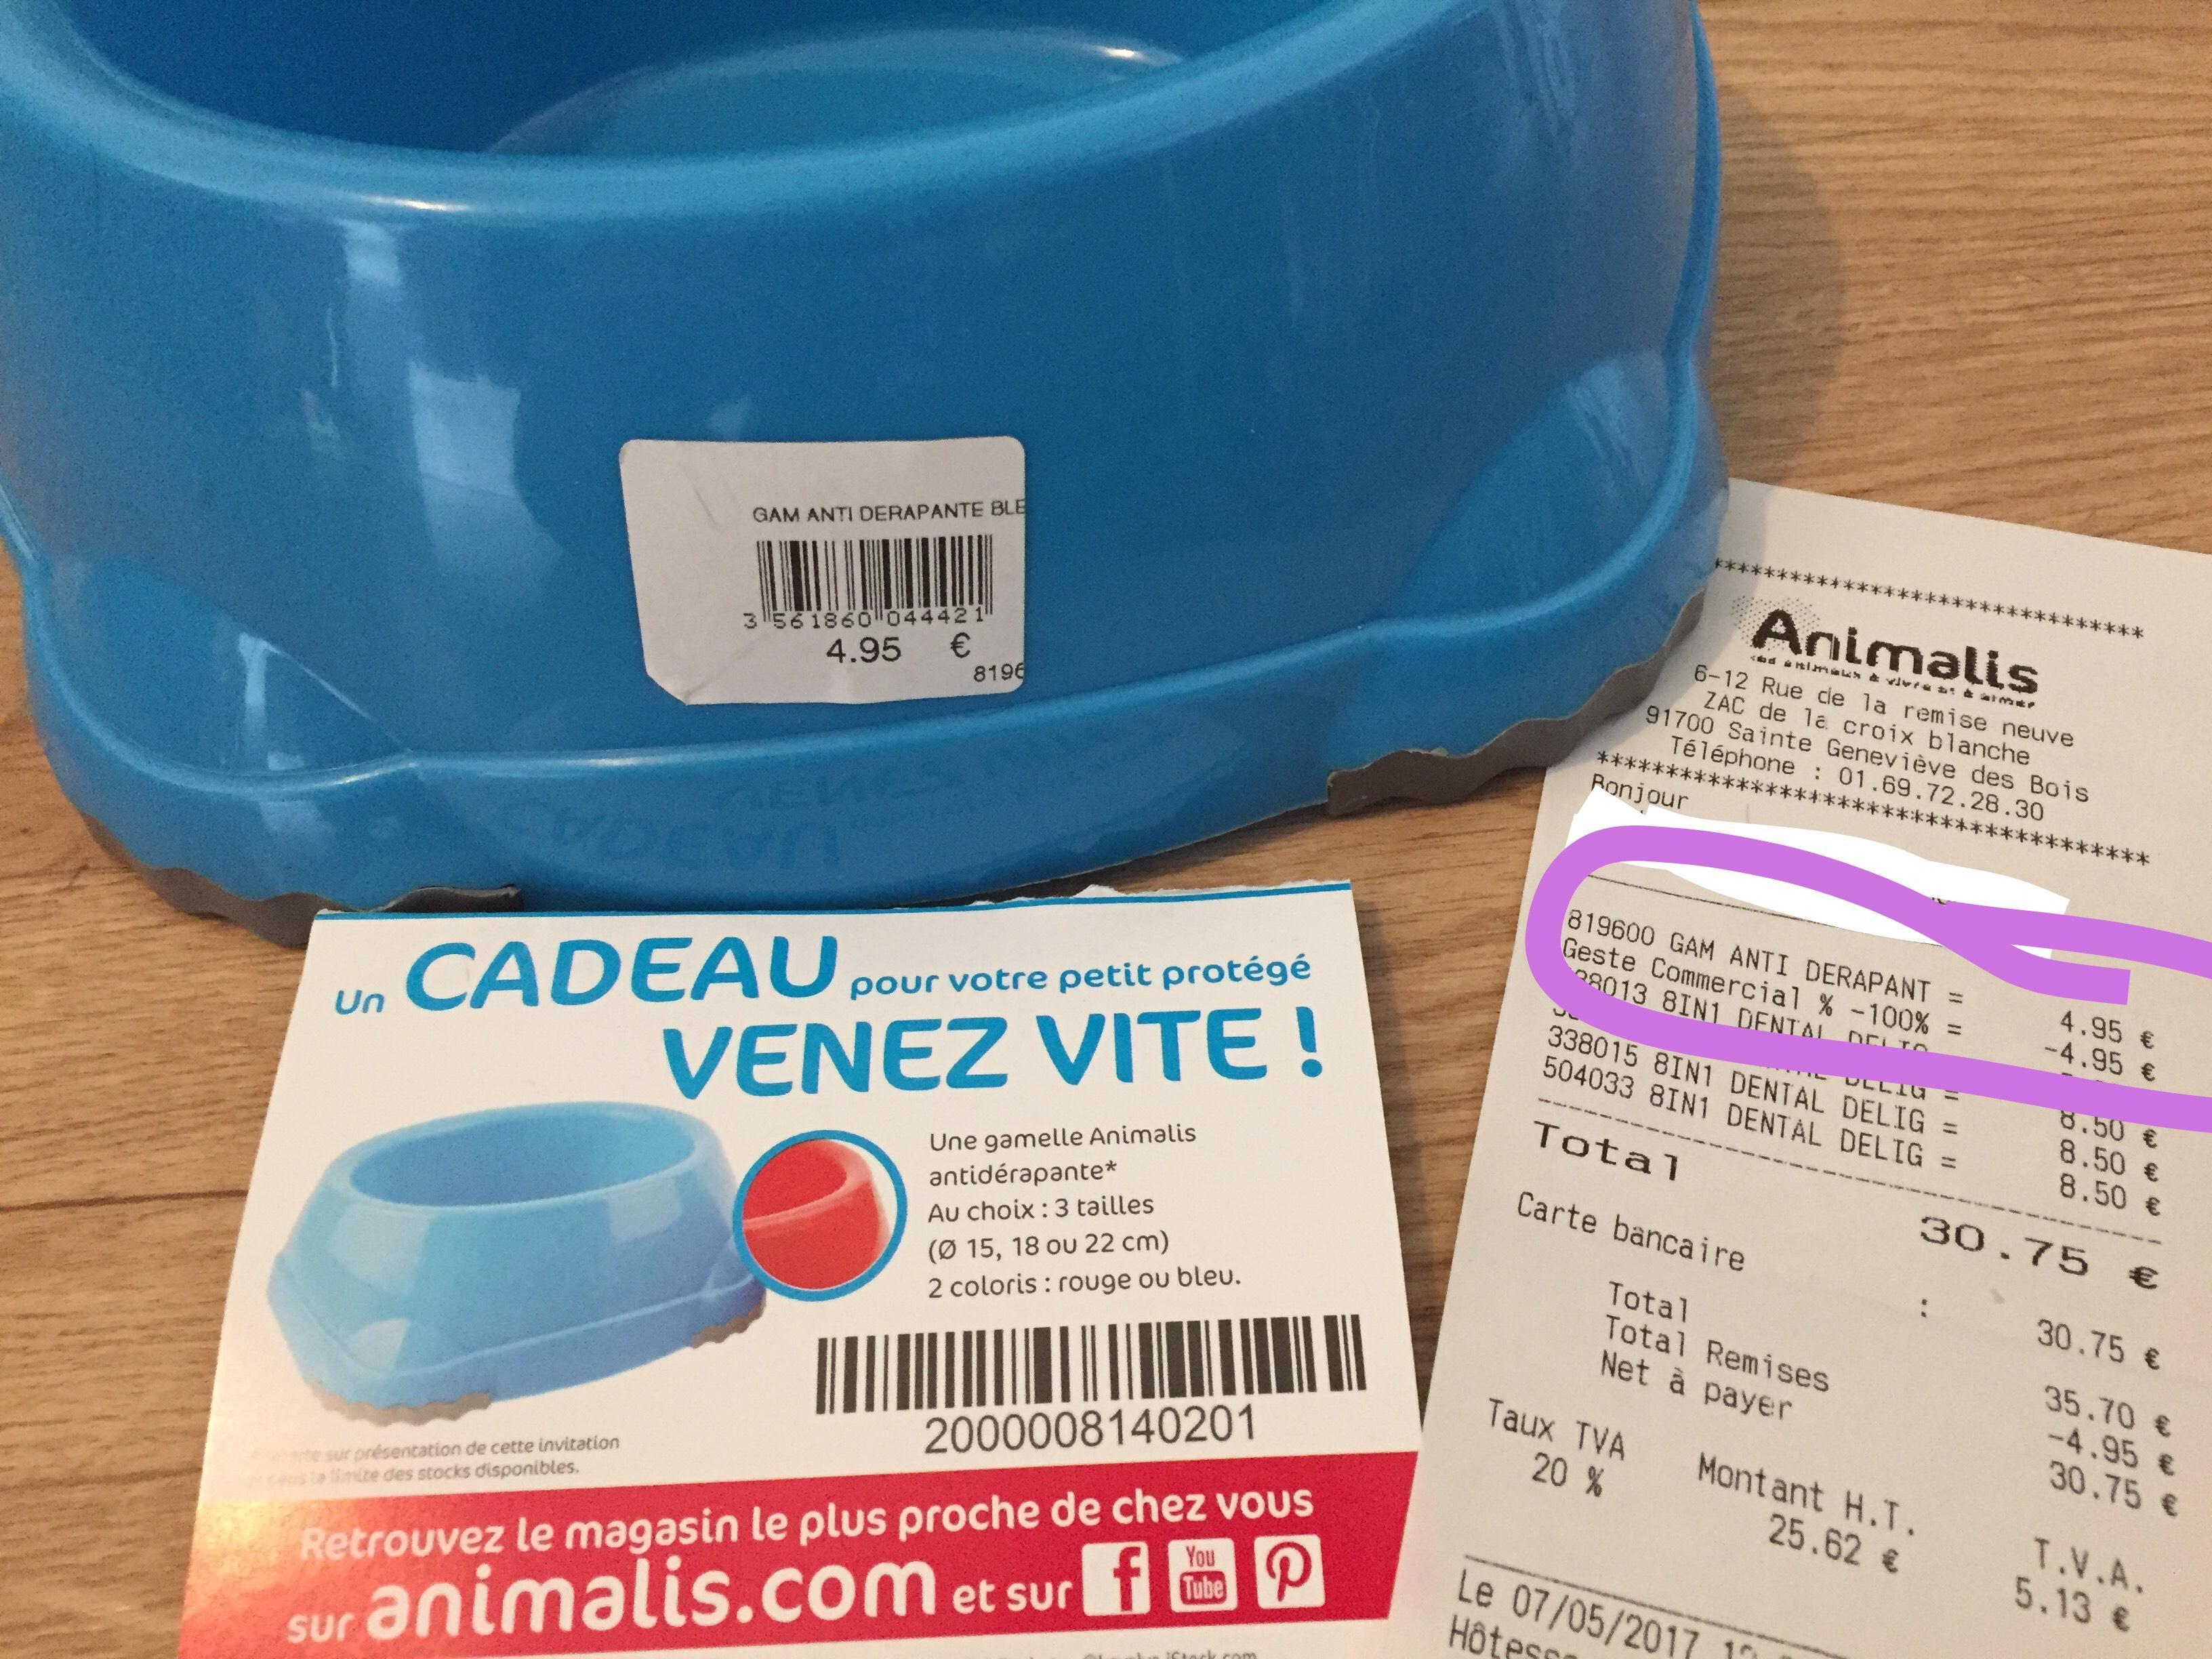 Gamelle anti dérapante bleue ou rouge offerte sans obligation d'achat